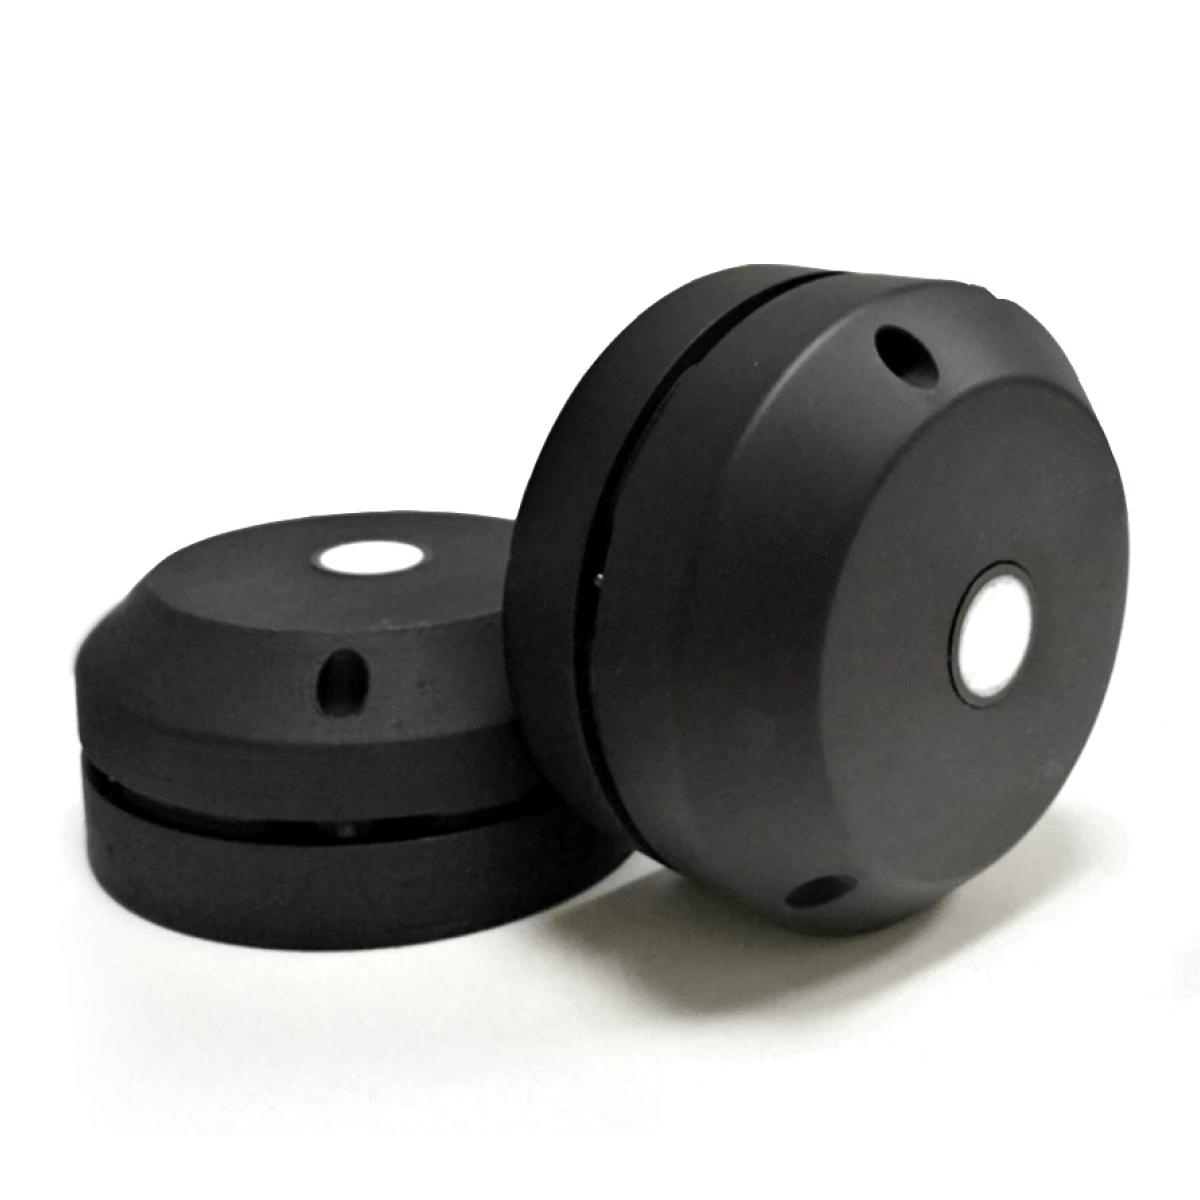 SU-SB01  Smart Waste Bin Detector